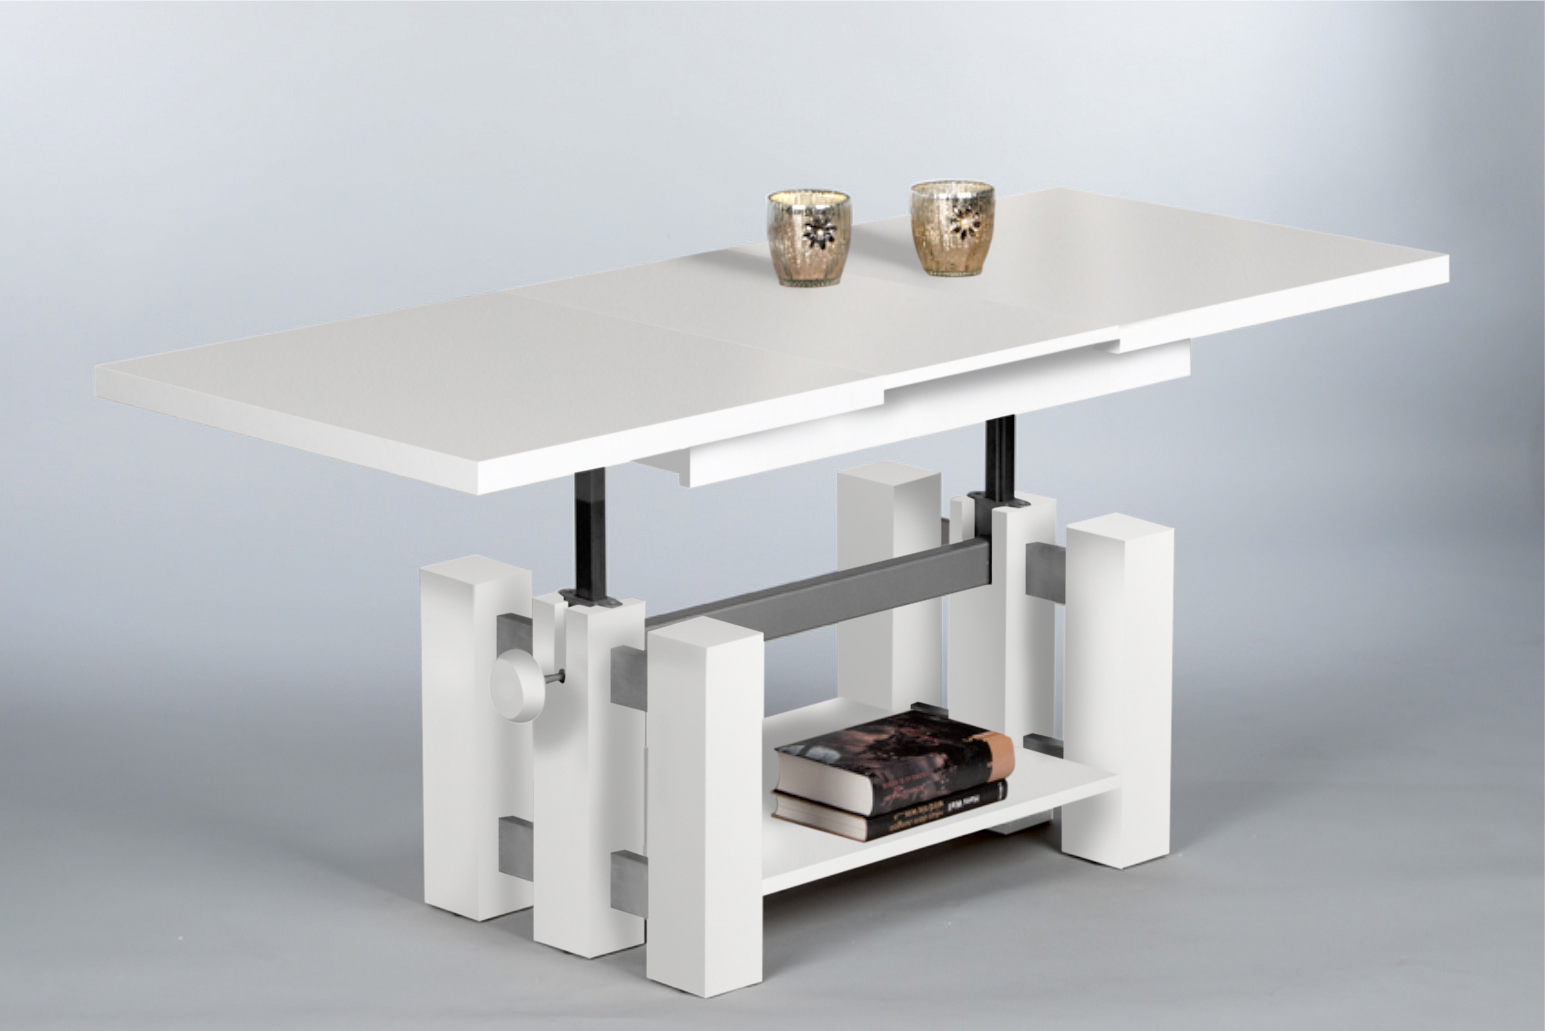 couchtisch nina wohnzimmertisch beistelltisch tisch h henverstellbar in weiss ebay. Black Bedroom Furniture Sets. Home Design Ideas